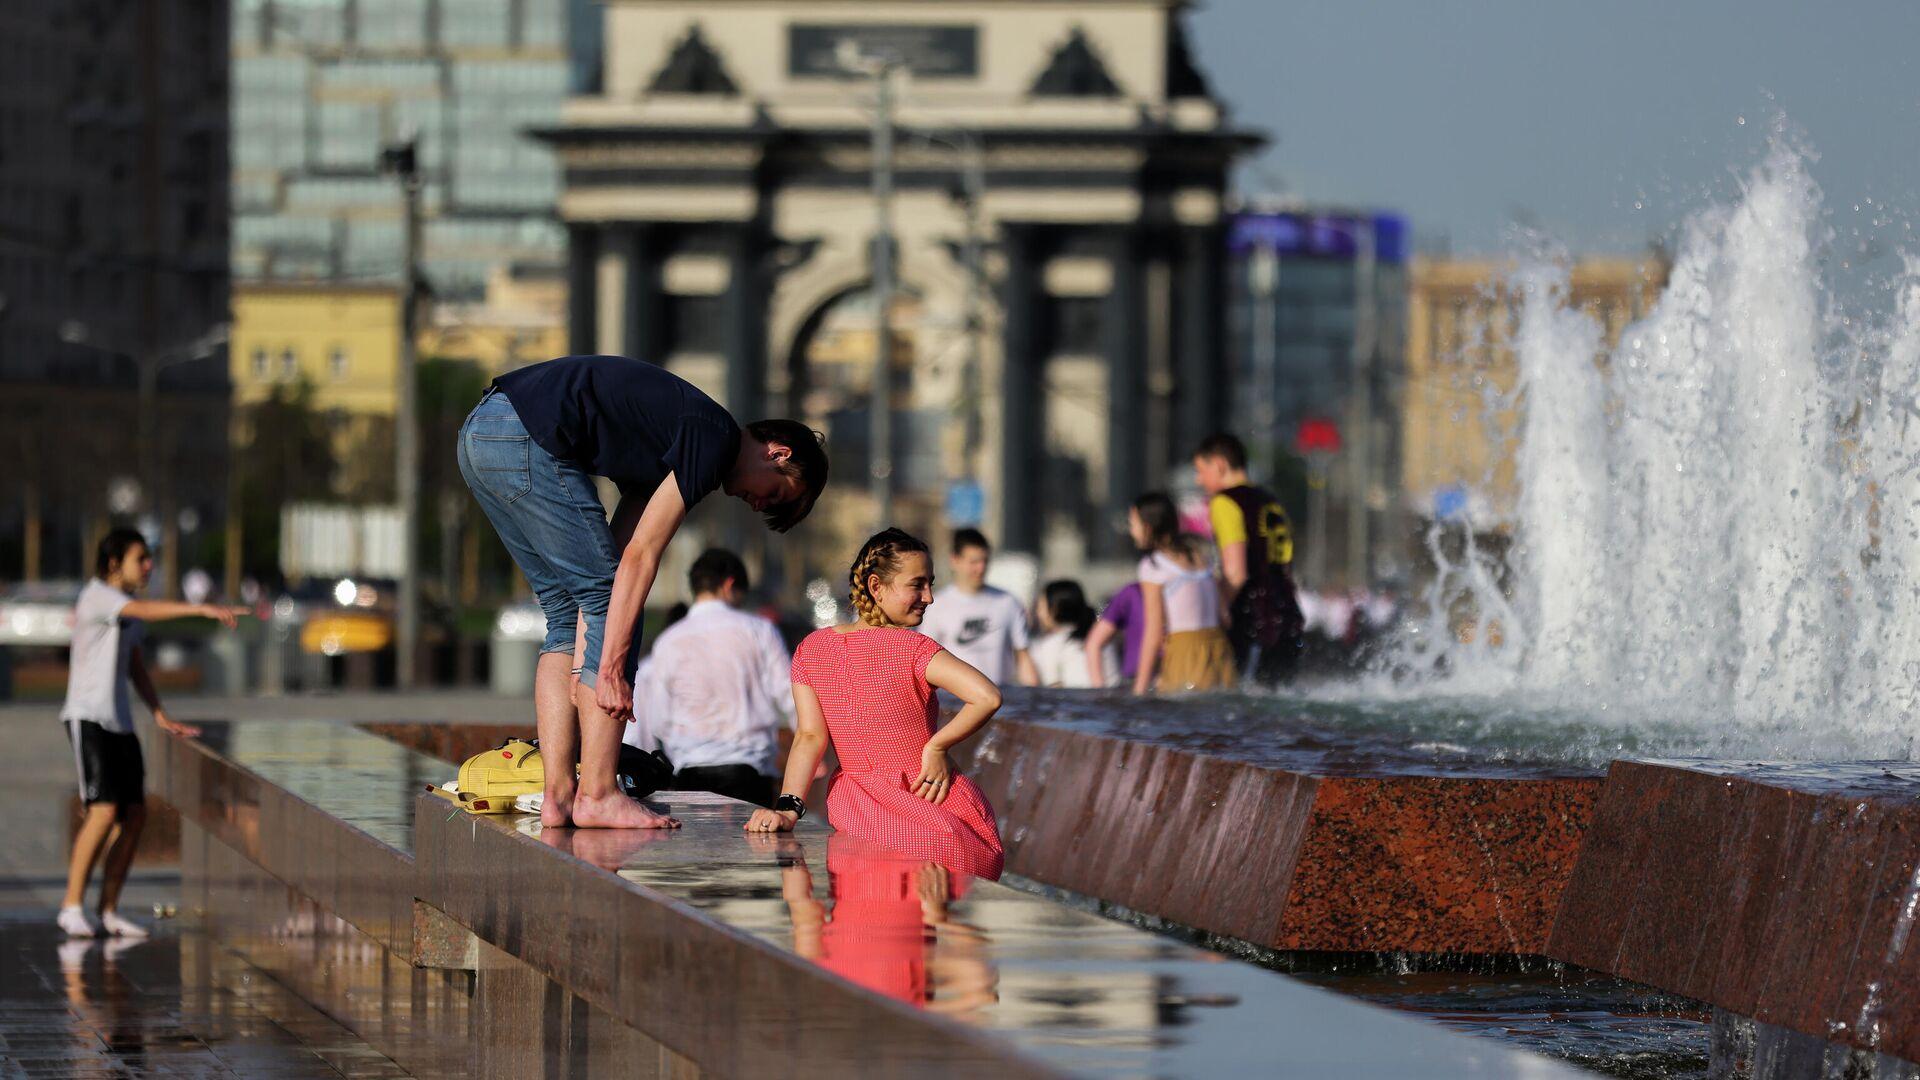 Молодые люди у фонтана в парке Победы в Москве в жаркую погоду - РИА Новости, 1920, 15.06.2021